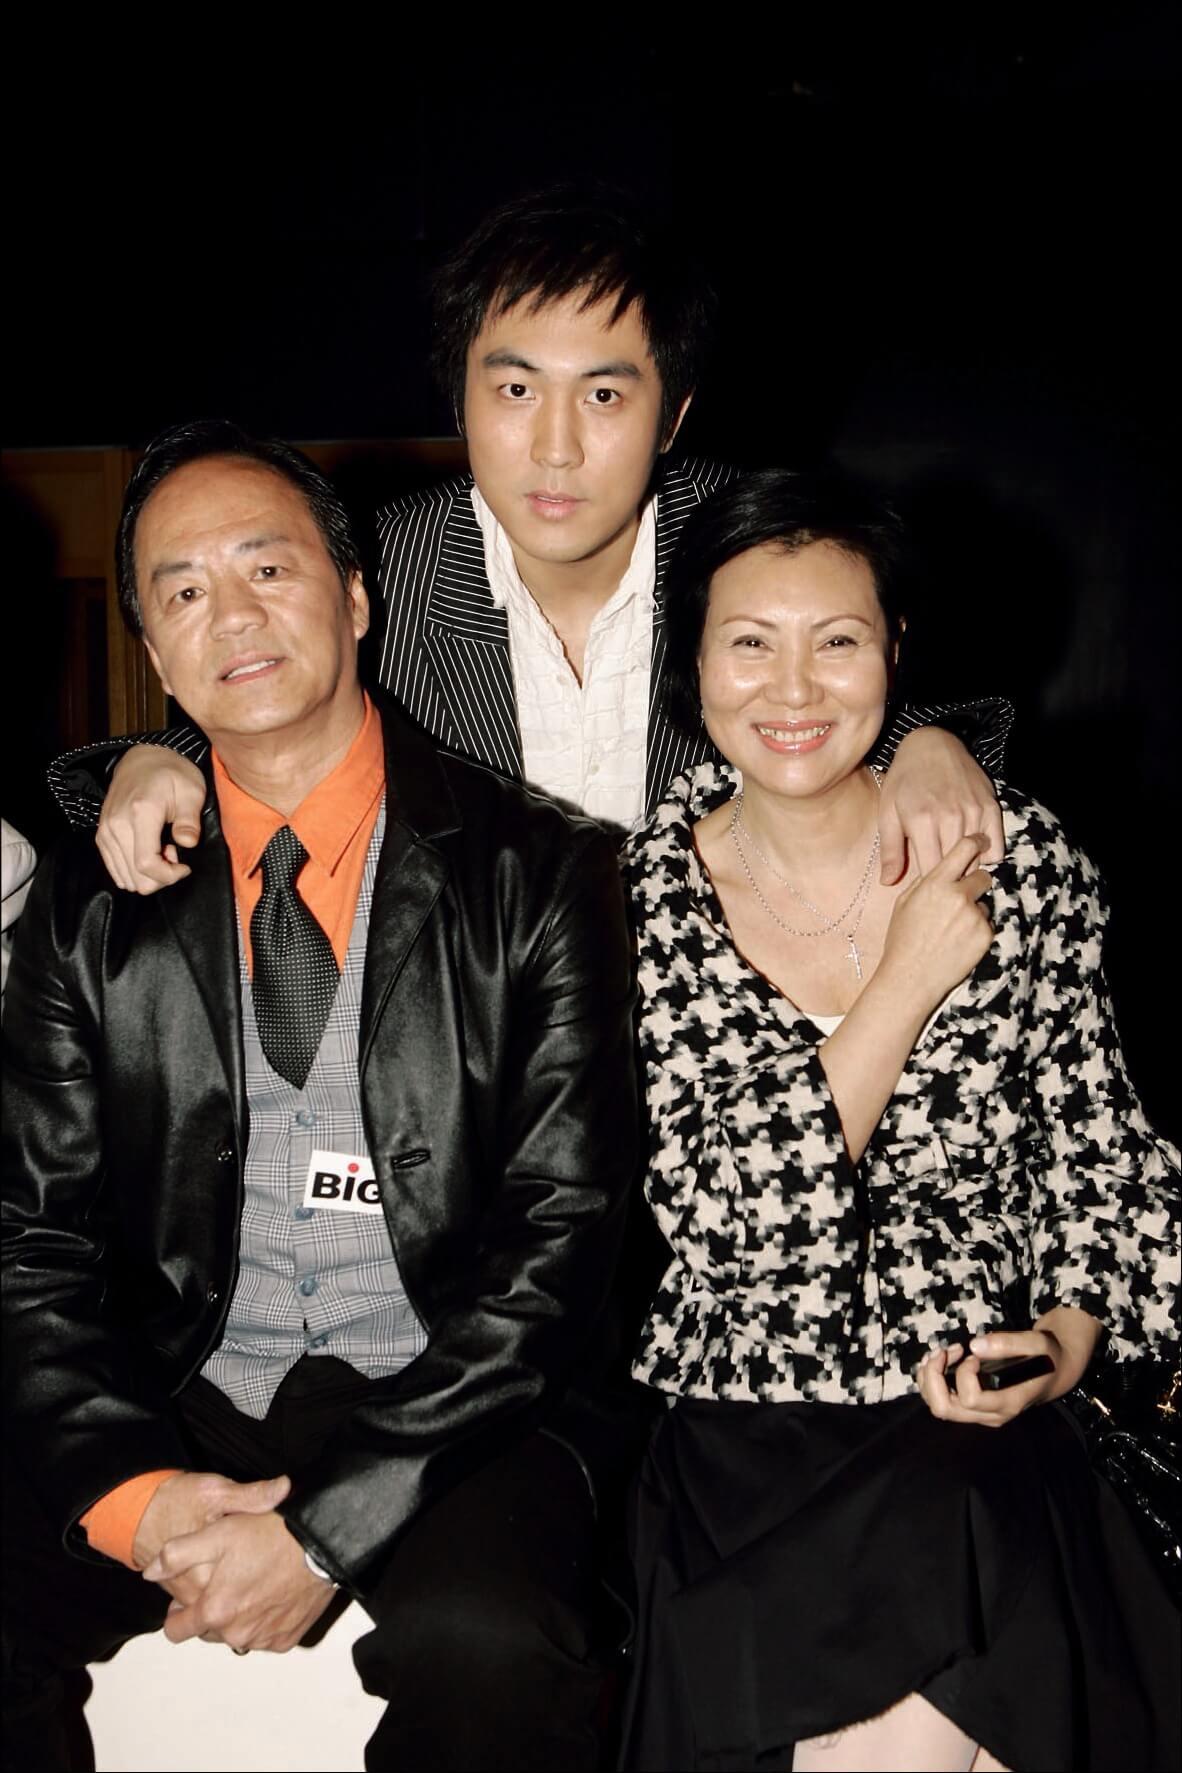 譚俊彥,出生於演藝世家,父親狄龍、母親陶敏明都是演員。